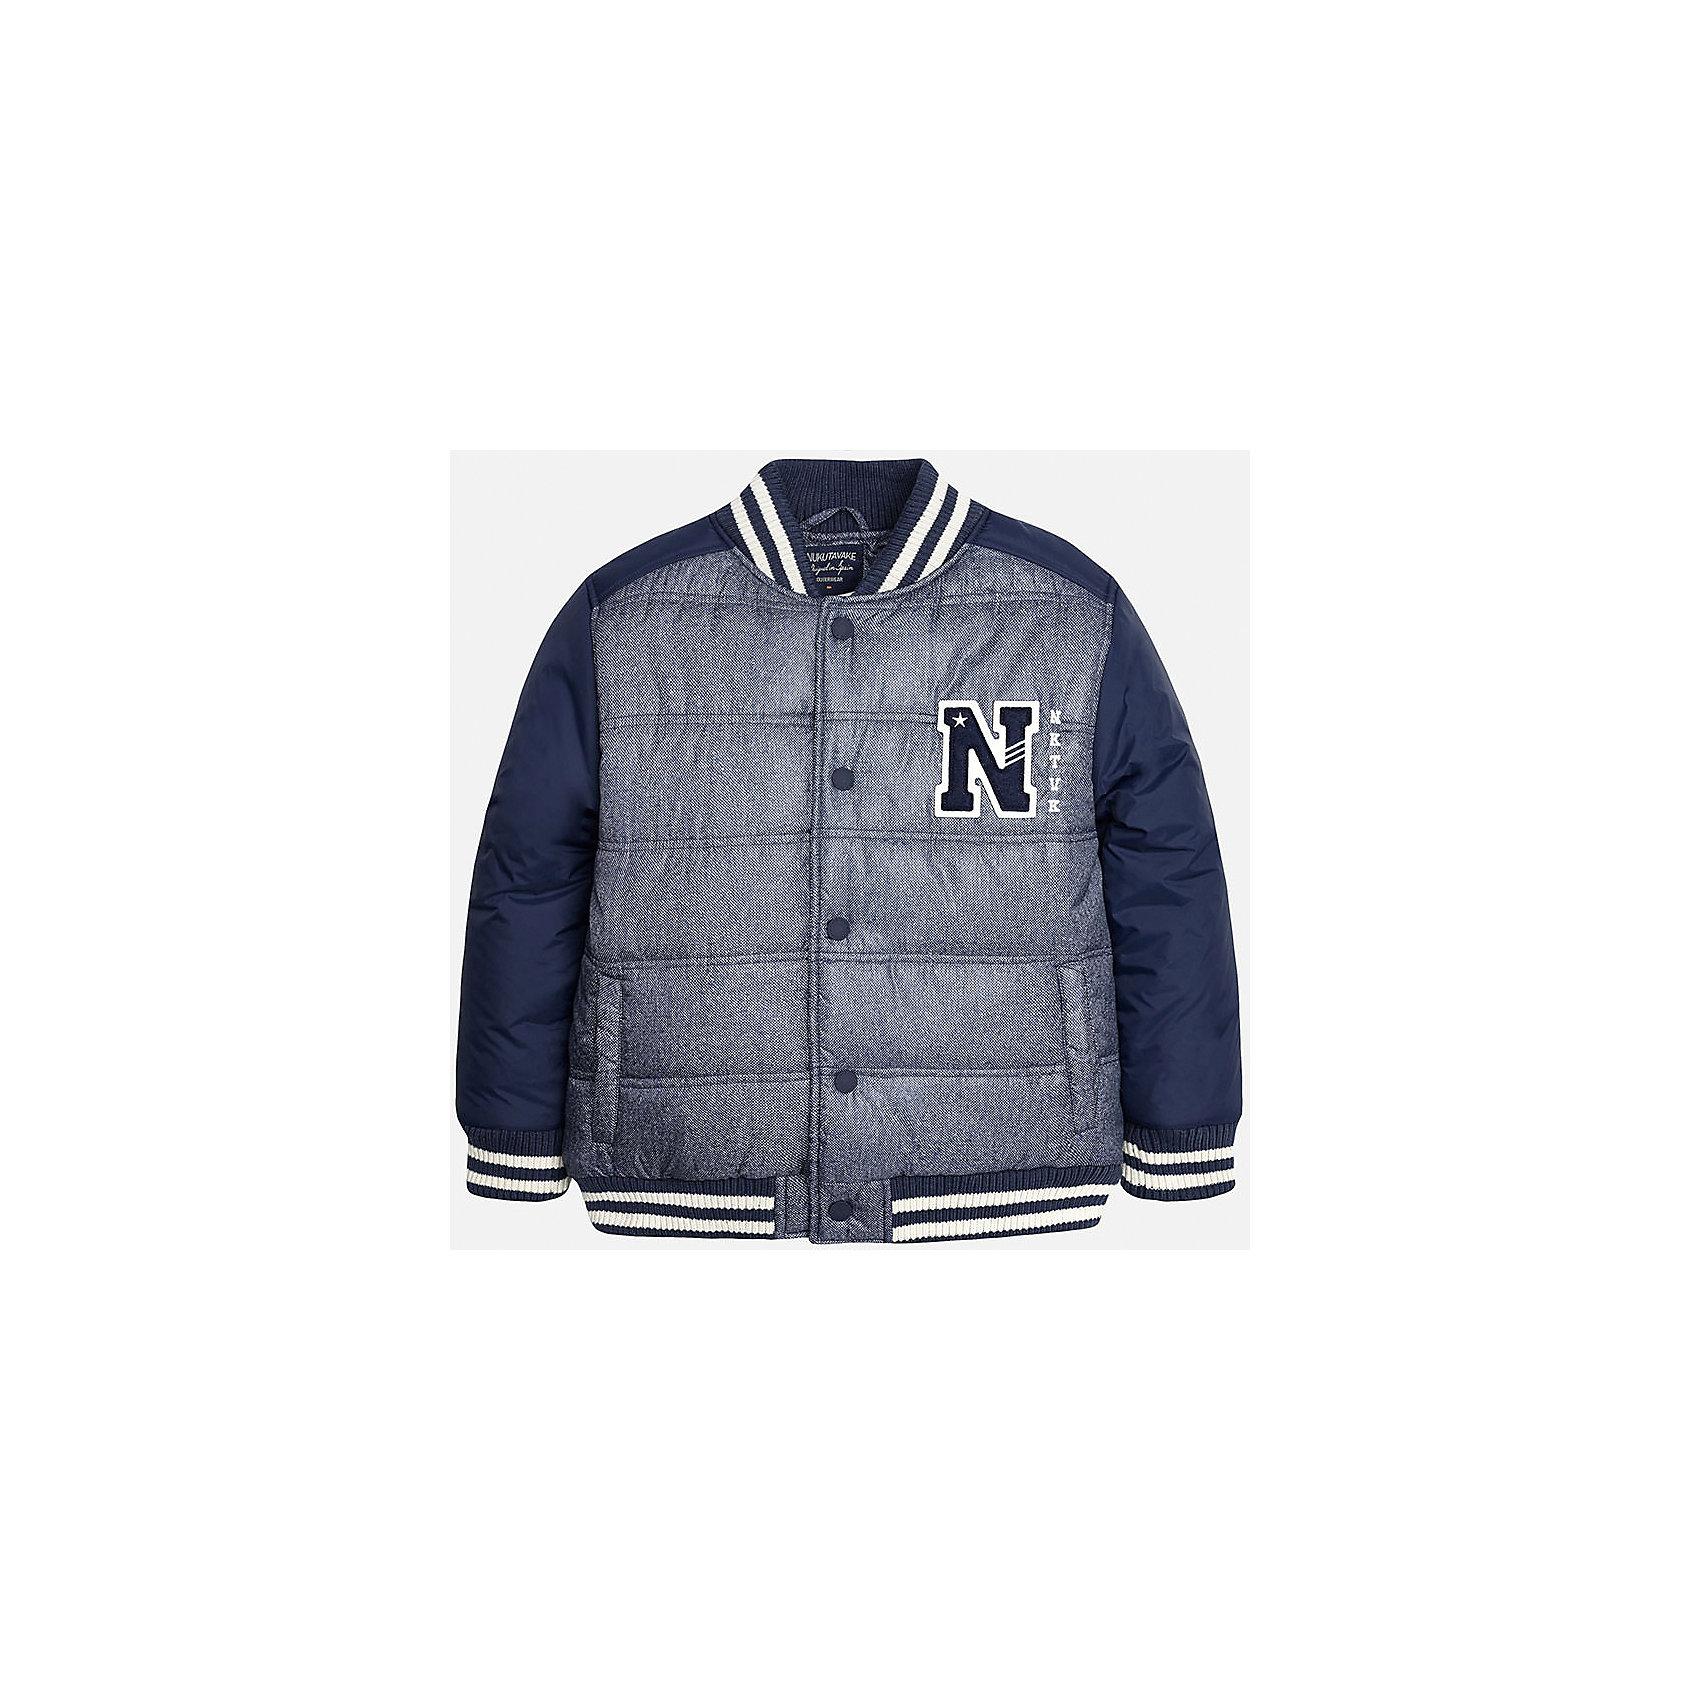 Куртка для мальчика MayoralВерхняя одежда<br>Куртка для мальчика известного испанского бренда Mayoral (Майорал). Стильная и удобная куртка на осень/весну. Пестрый темно-синий цвет сочетается с полностью синими рукавами. Качественная нашивка в спортивном стиле и полосатые трикотажные резинки на воротнике, манжетах и внизу куртки придутся по вкусу вашему чемпиону. У куртки имеются два кармана, застегивается на кнопки. Куртка изготовлена из непромокаемого и непродуваемого материала. Эта куртка отлично подойдет к джинсам или штанам спортивного стиля.<br><br>Дополнительная информация:<br><br>- Рукав: длинный<br>- Силуэт: прямой<br>Состав: 60% полиэстер, 40% хлопок<br><br>Куртку для мальчиков Mayoral (Майорал) можно купить в нашем интернет-магазине.<br><br>Подробнее:<br>• Для детей в возрасте: от 10 до 16 лет<br>• Номер товара: 4827079<br>Страна производитель: Китай<br><br>Ширина мм: 356<br>Глубина мм: 10<br>Высота мм: 245<br>Вес г: 519<br>Цвет: синий<br>Возраст от месяцев: 156<br>Возраст до месяцев: 168<br>Пол: Мужской<br>Возраст: Детский<br>Размер: 158/164,164/170,128/134,140/146,146/152,152/158<br>SKU: 4827085